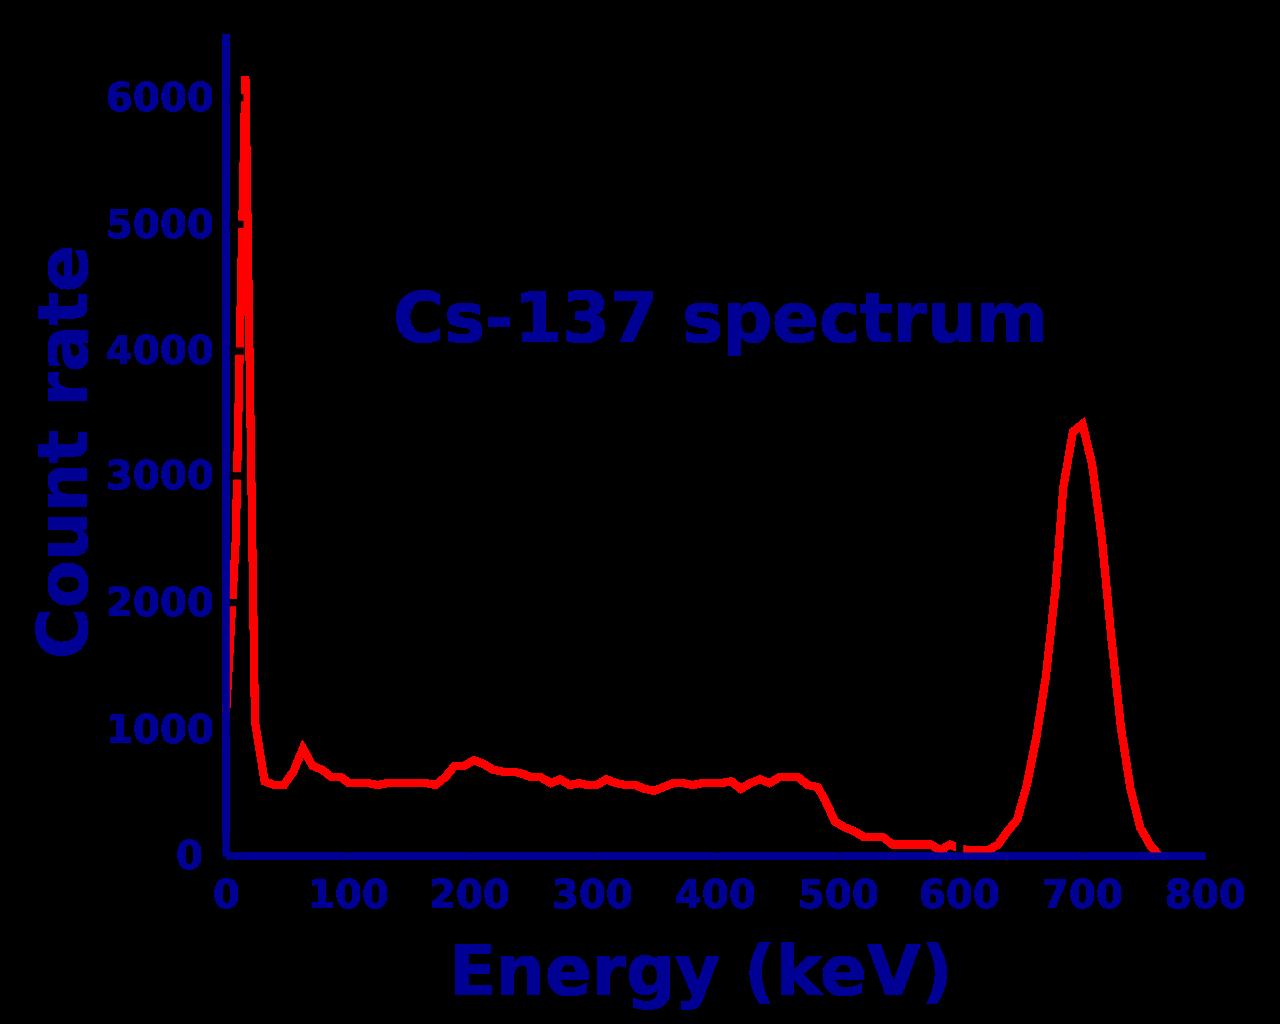 Fig4. Cs-137 Spectrum